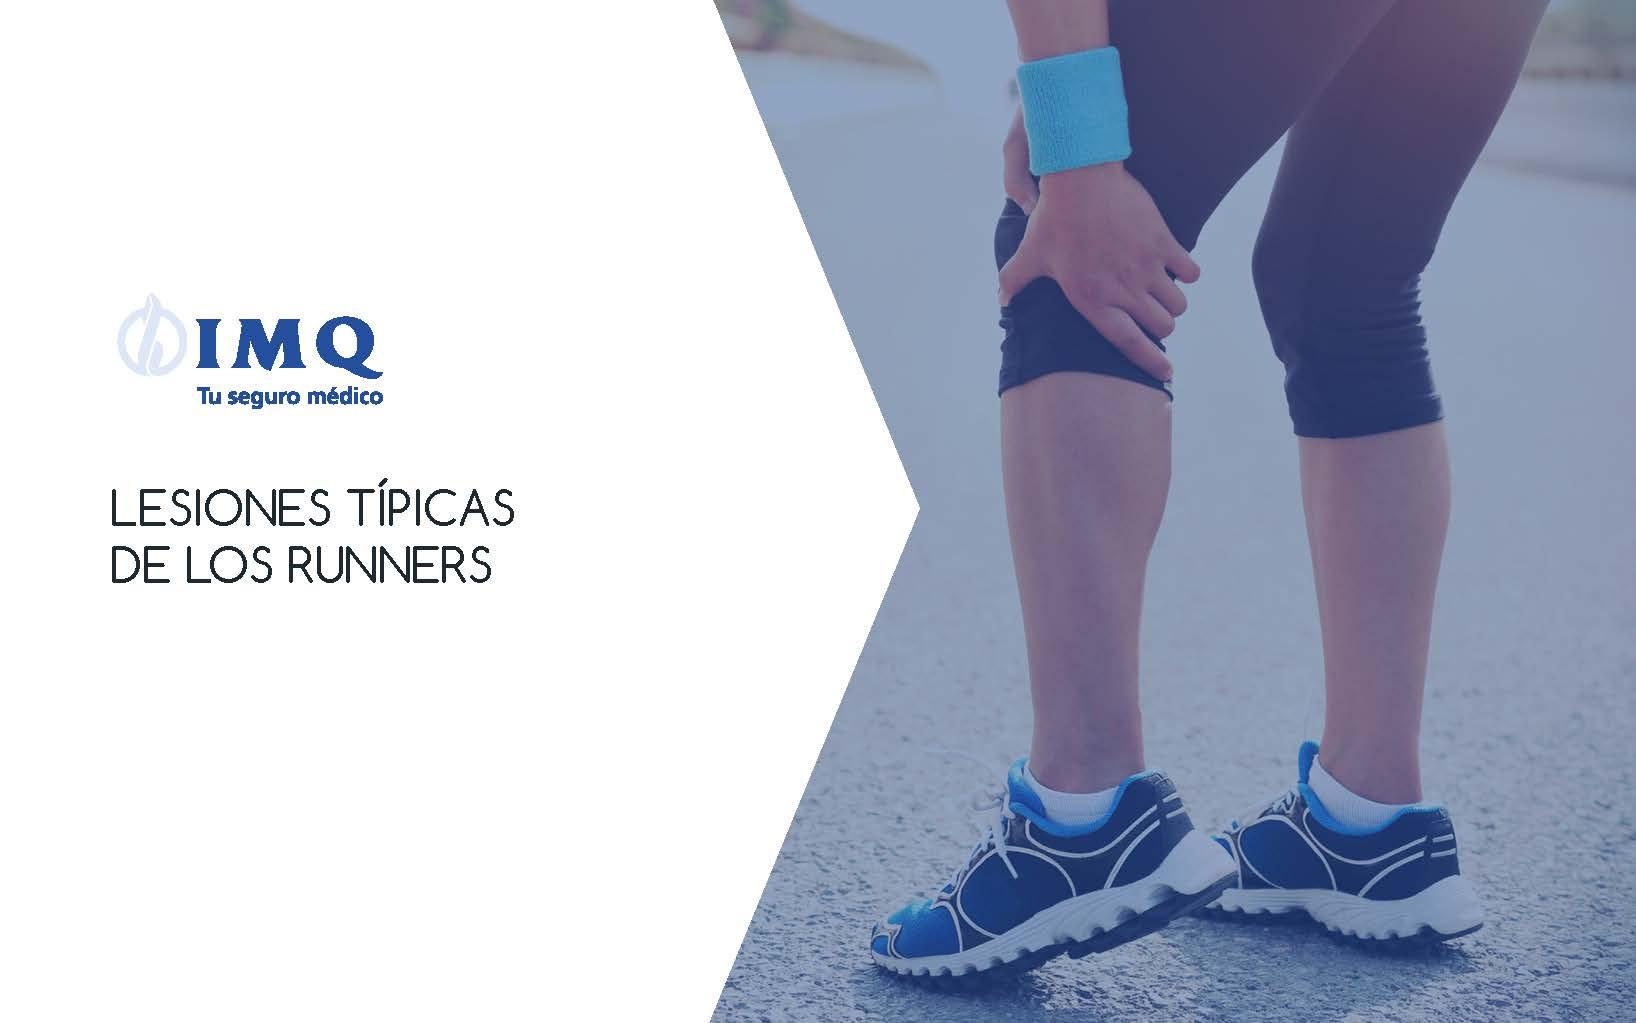 Guía lesiones típicas de runners